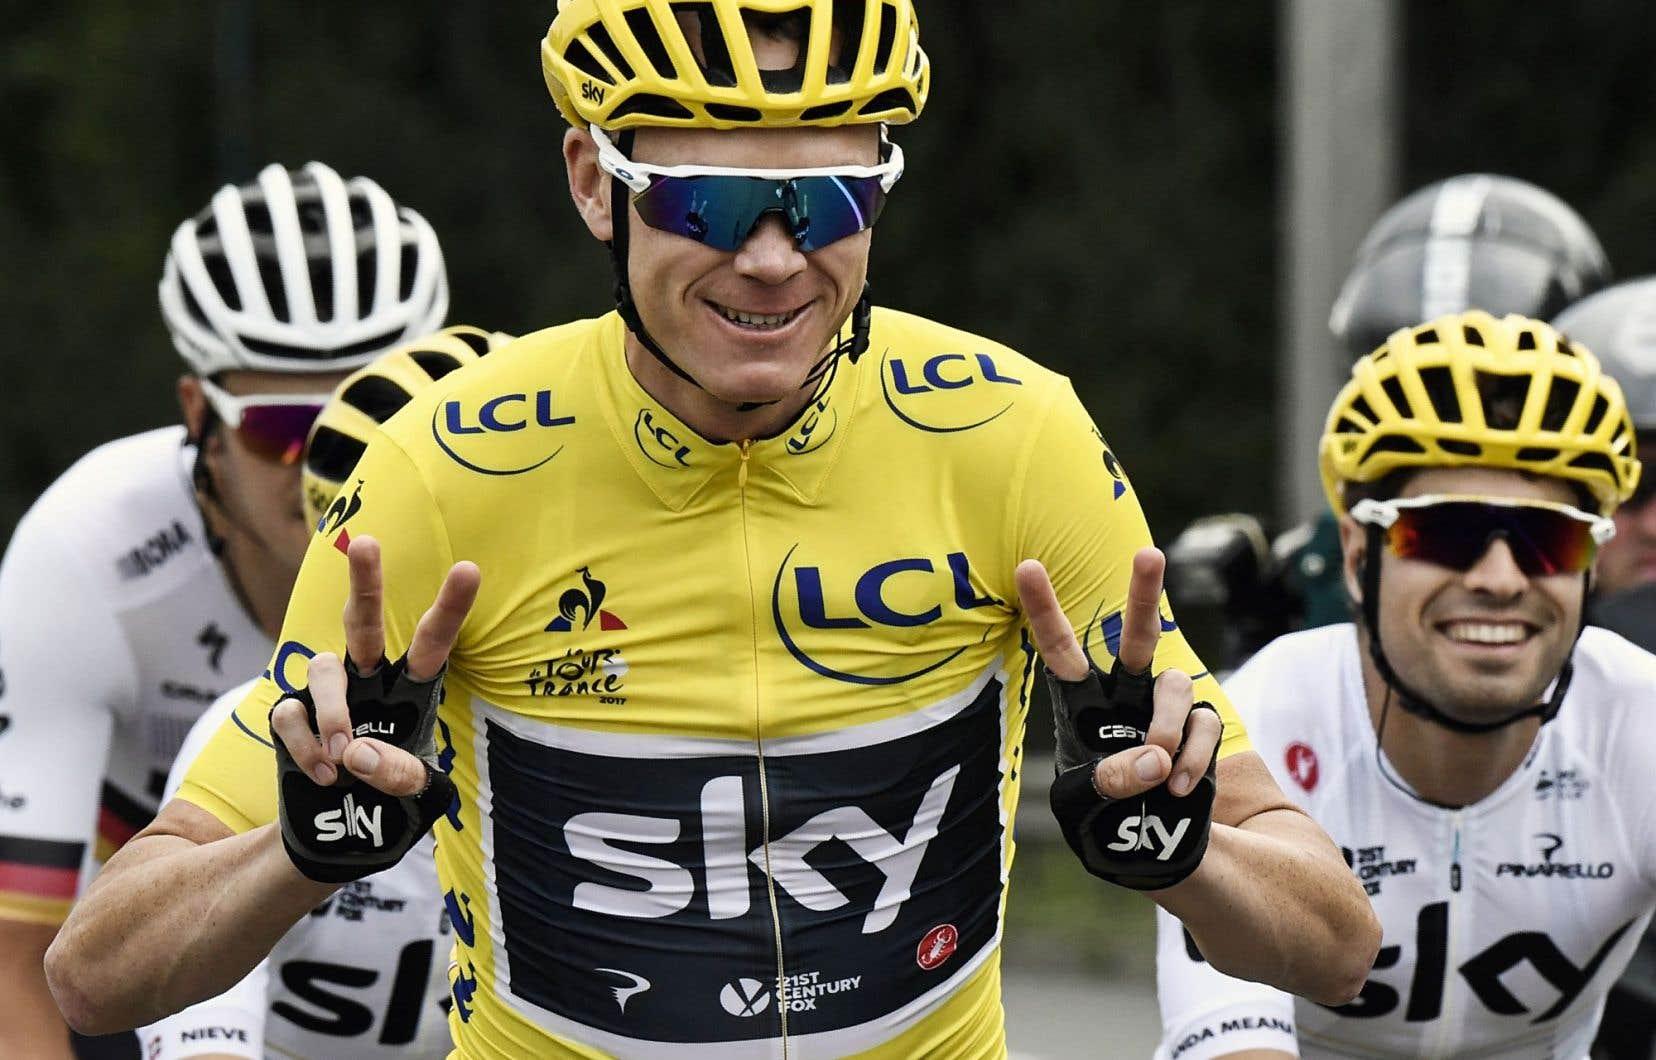 Chris Froome n'est qu'à une victoire du record détenu par Anquetil, Merckx, Hinault, Indurain.